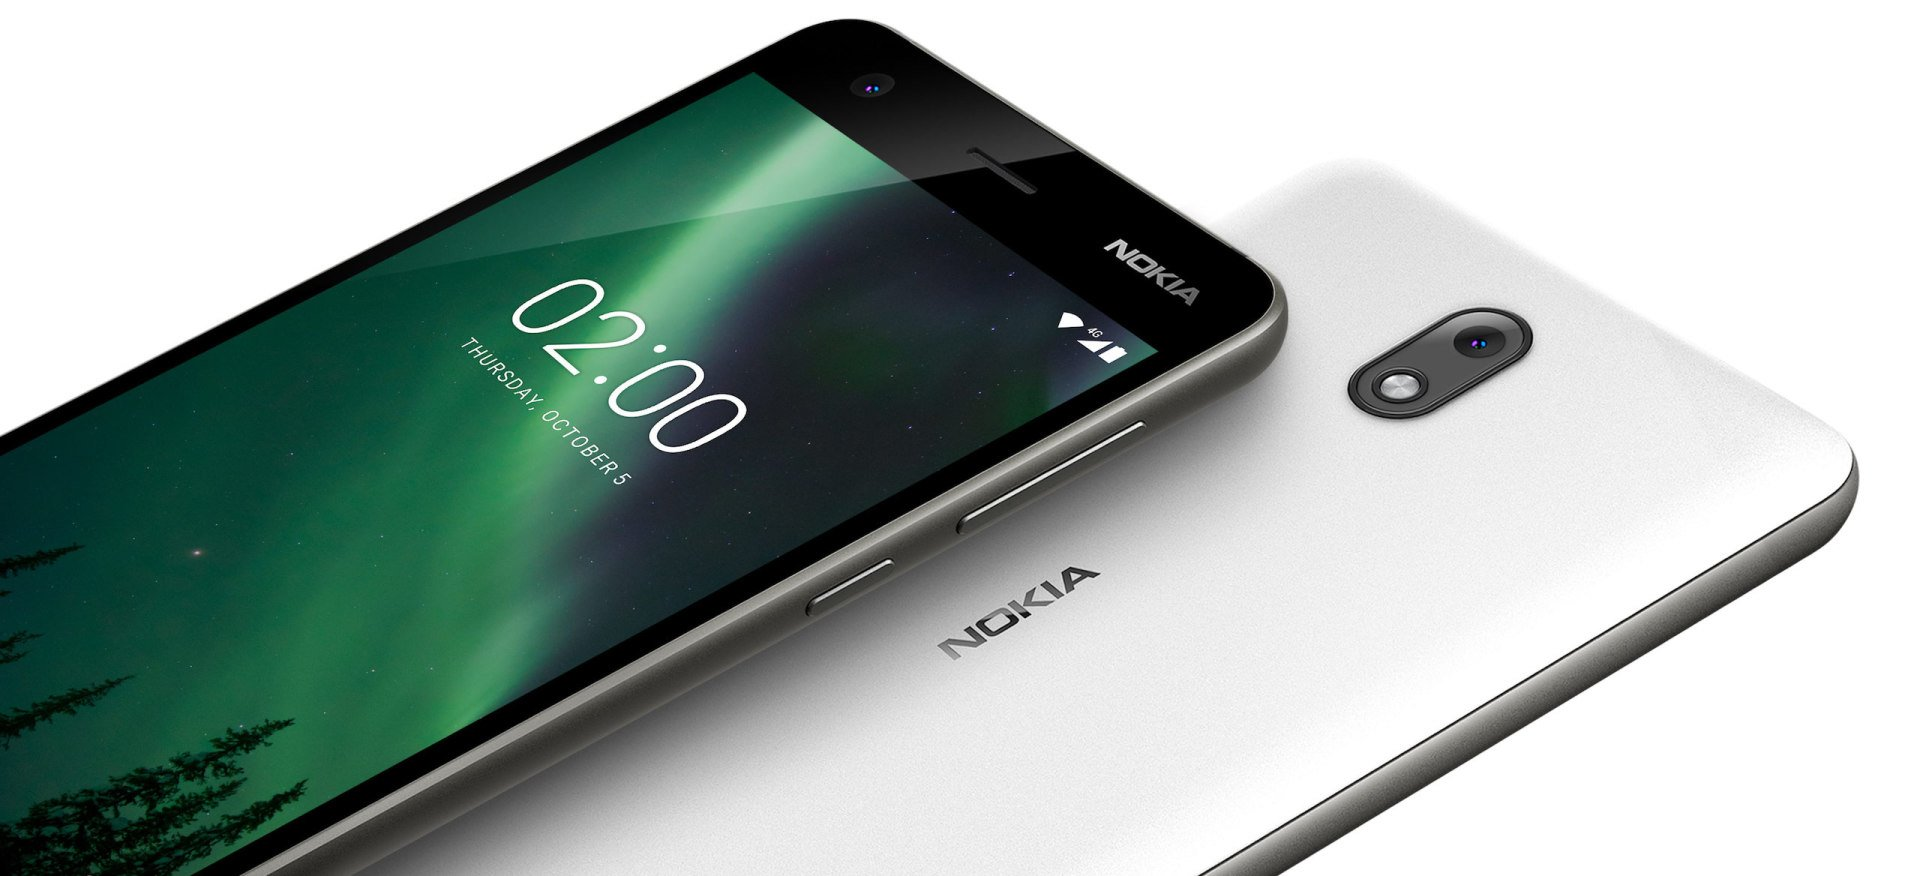 Nokia 1 nadchodzi. Powinna działać nawet lepiej niż Nokia 2 24